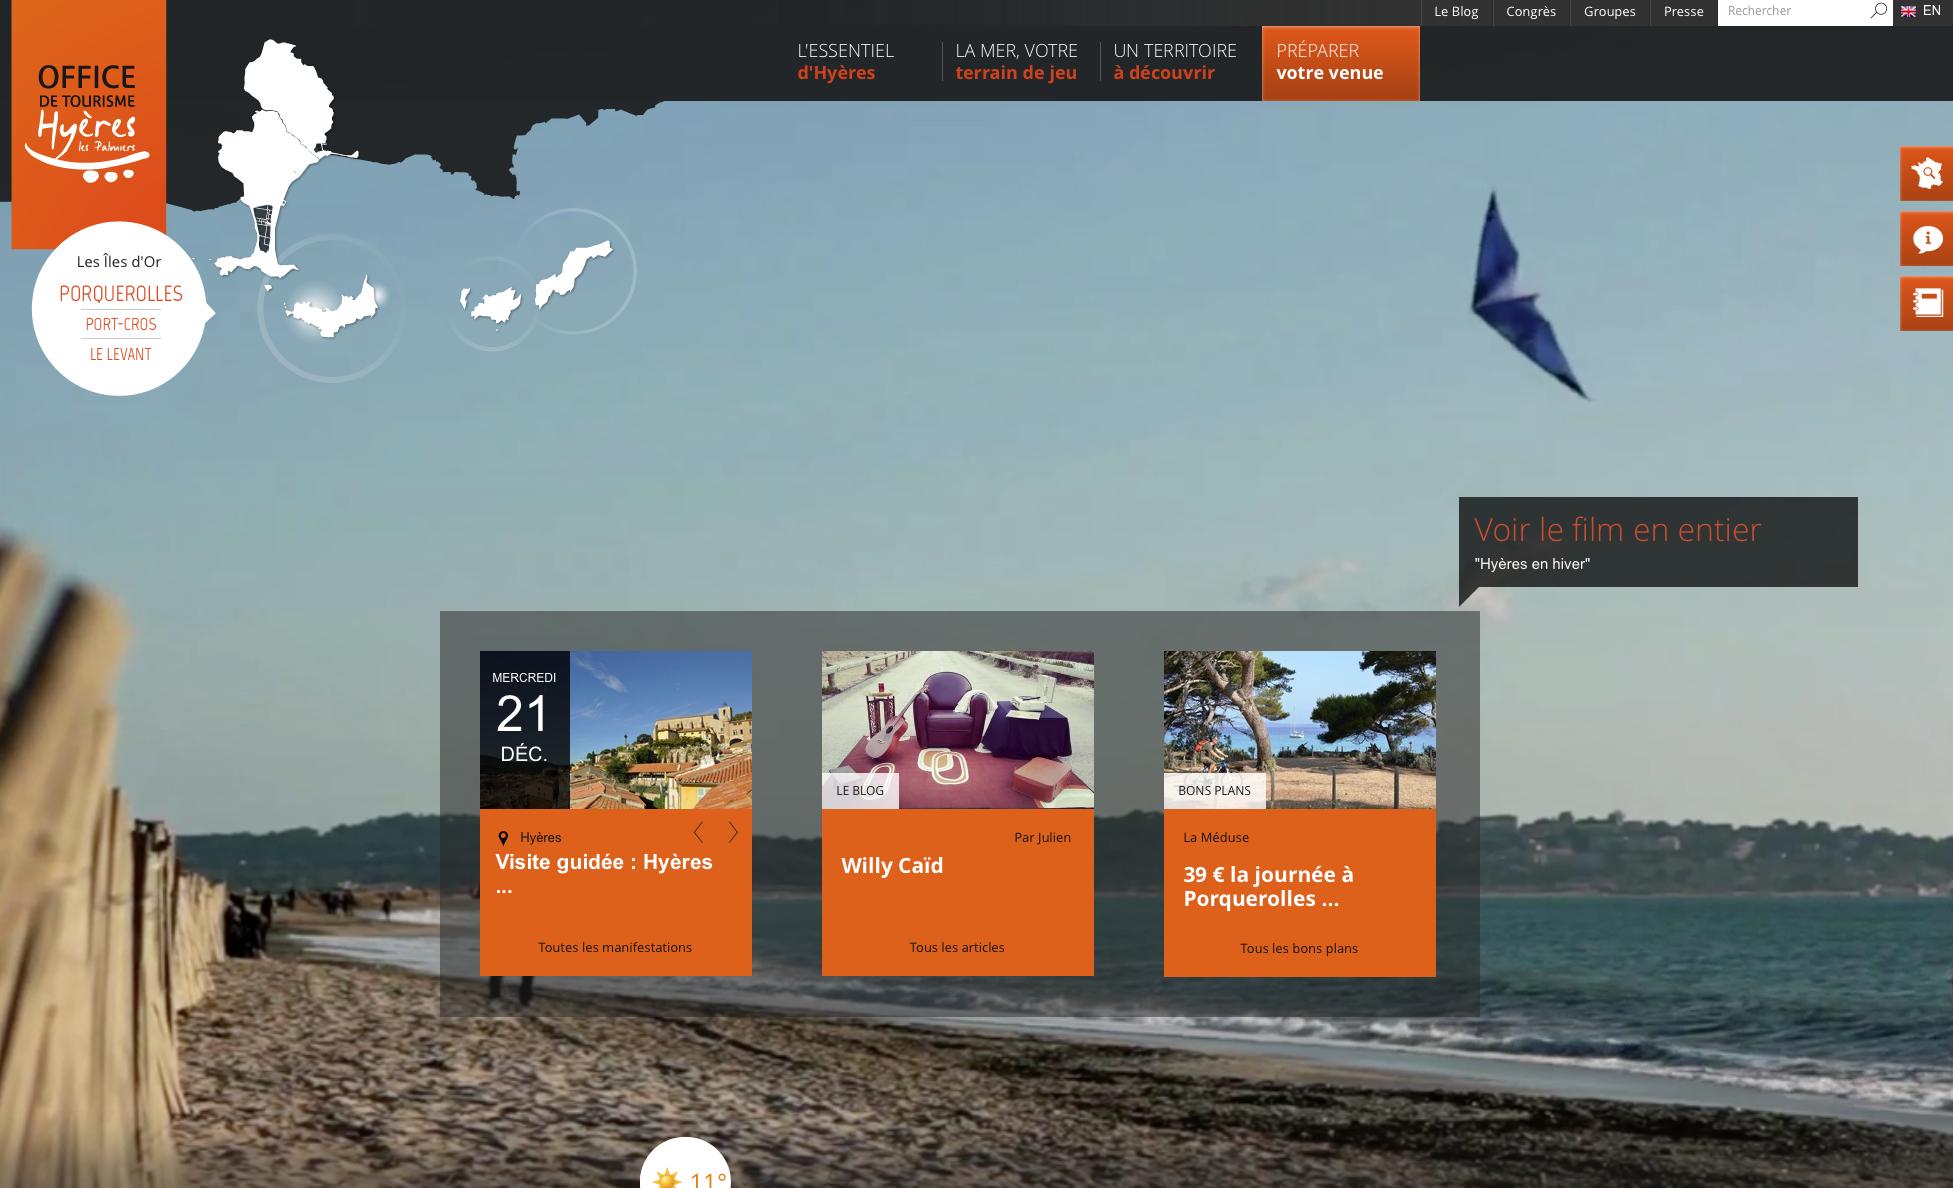 Traduction touristique pour l'office du tourisme d'Hyères